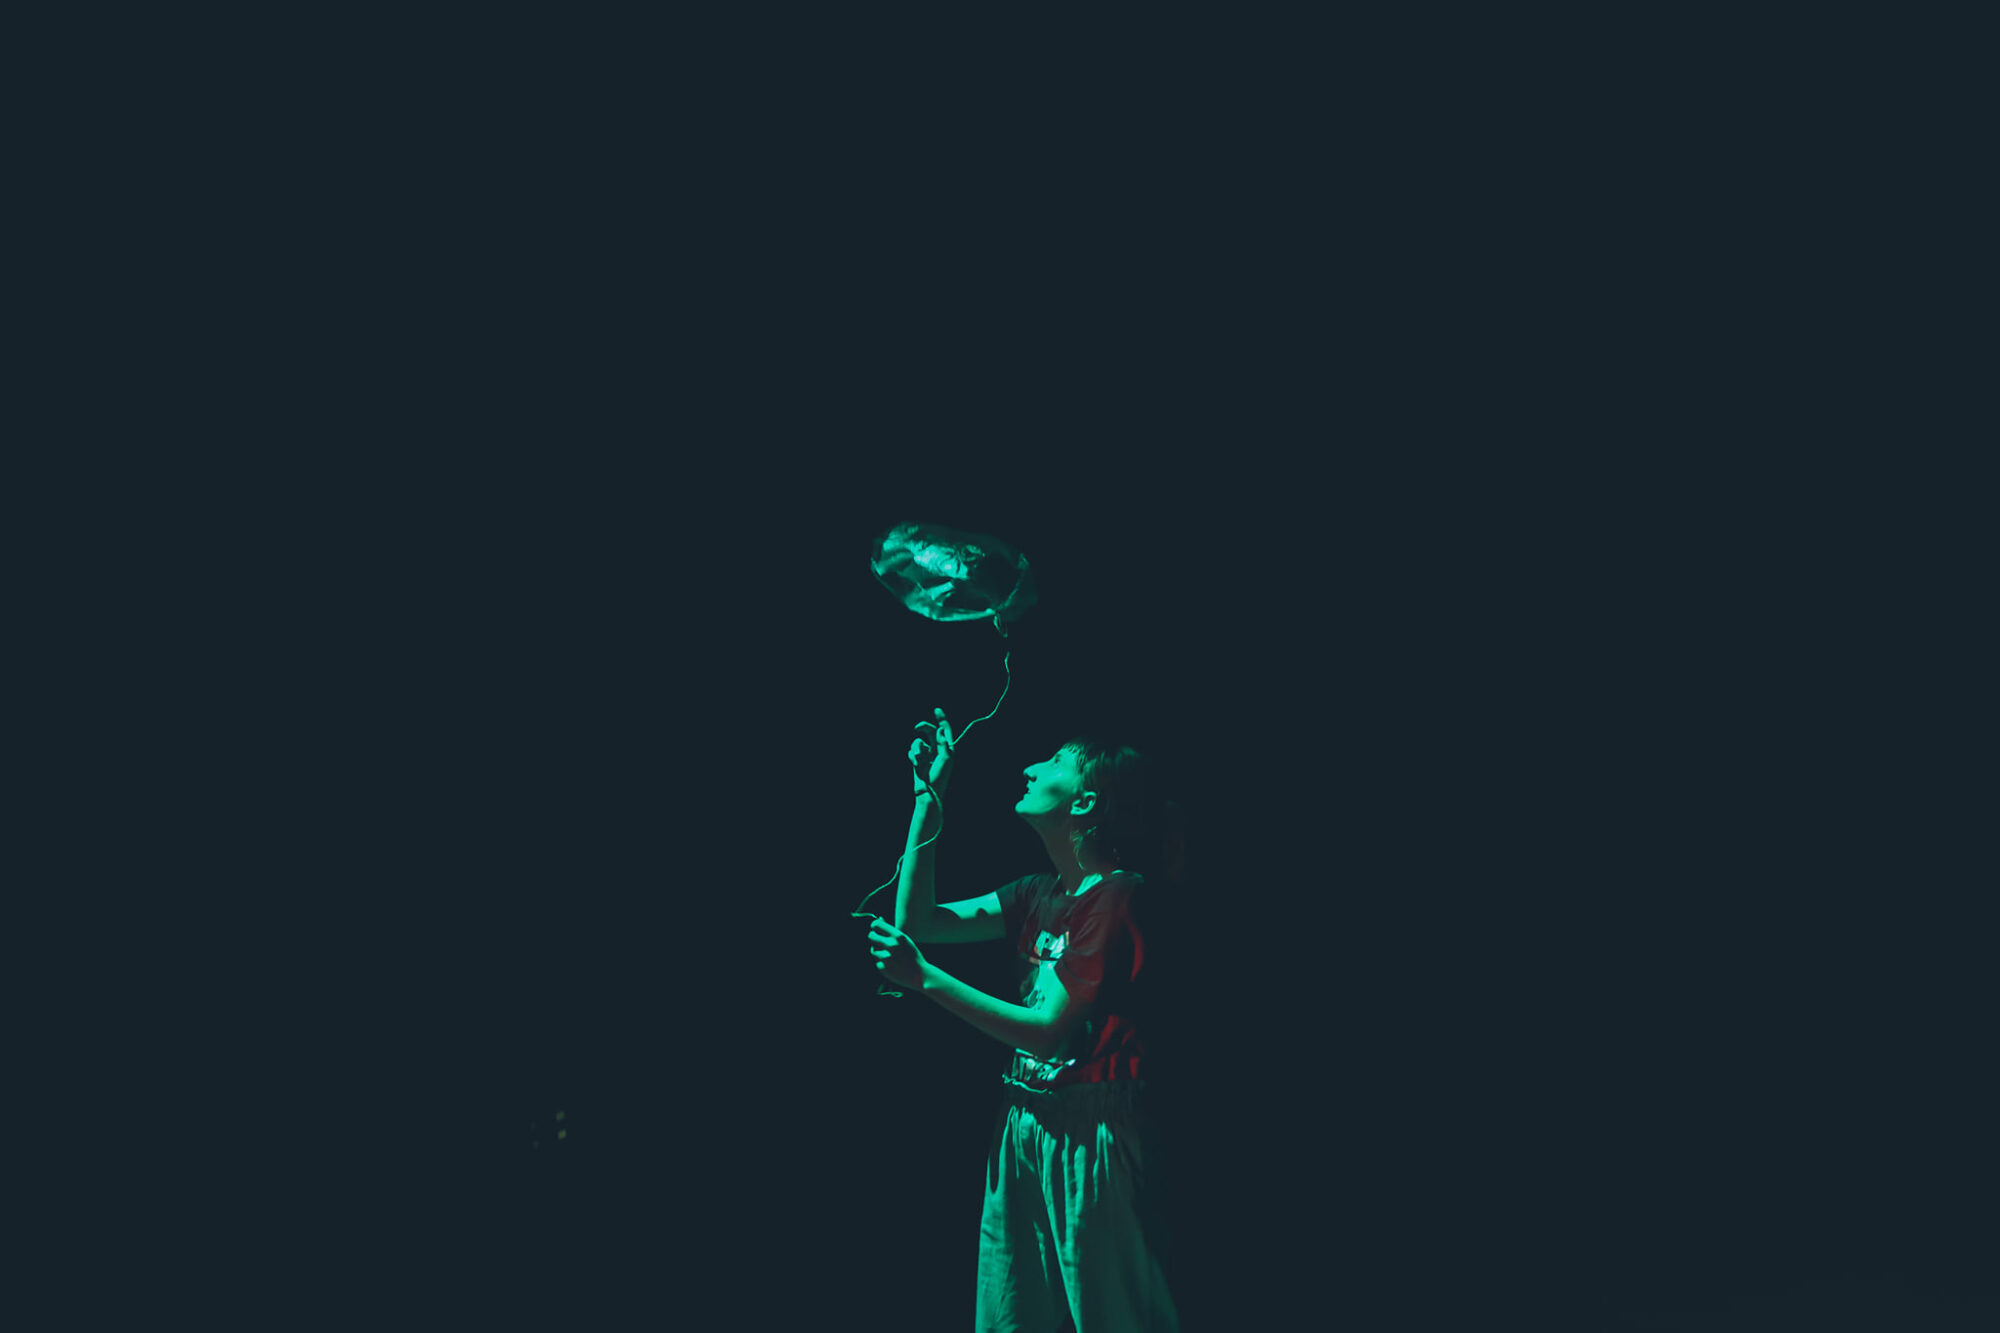 Młoda kobieta trzymająca w ręce balon. Jej wzrok skierowany jest na obiekt. Oświetlona zielonym światłem.